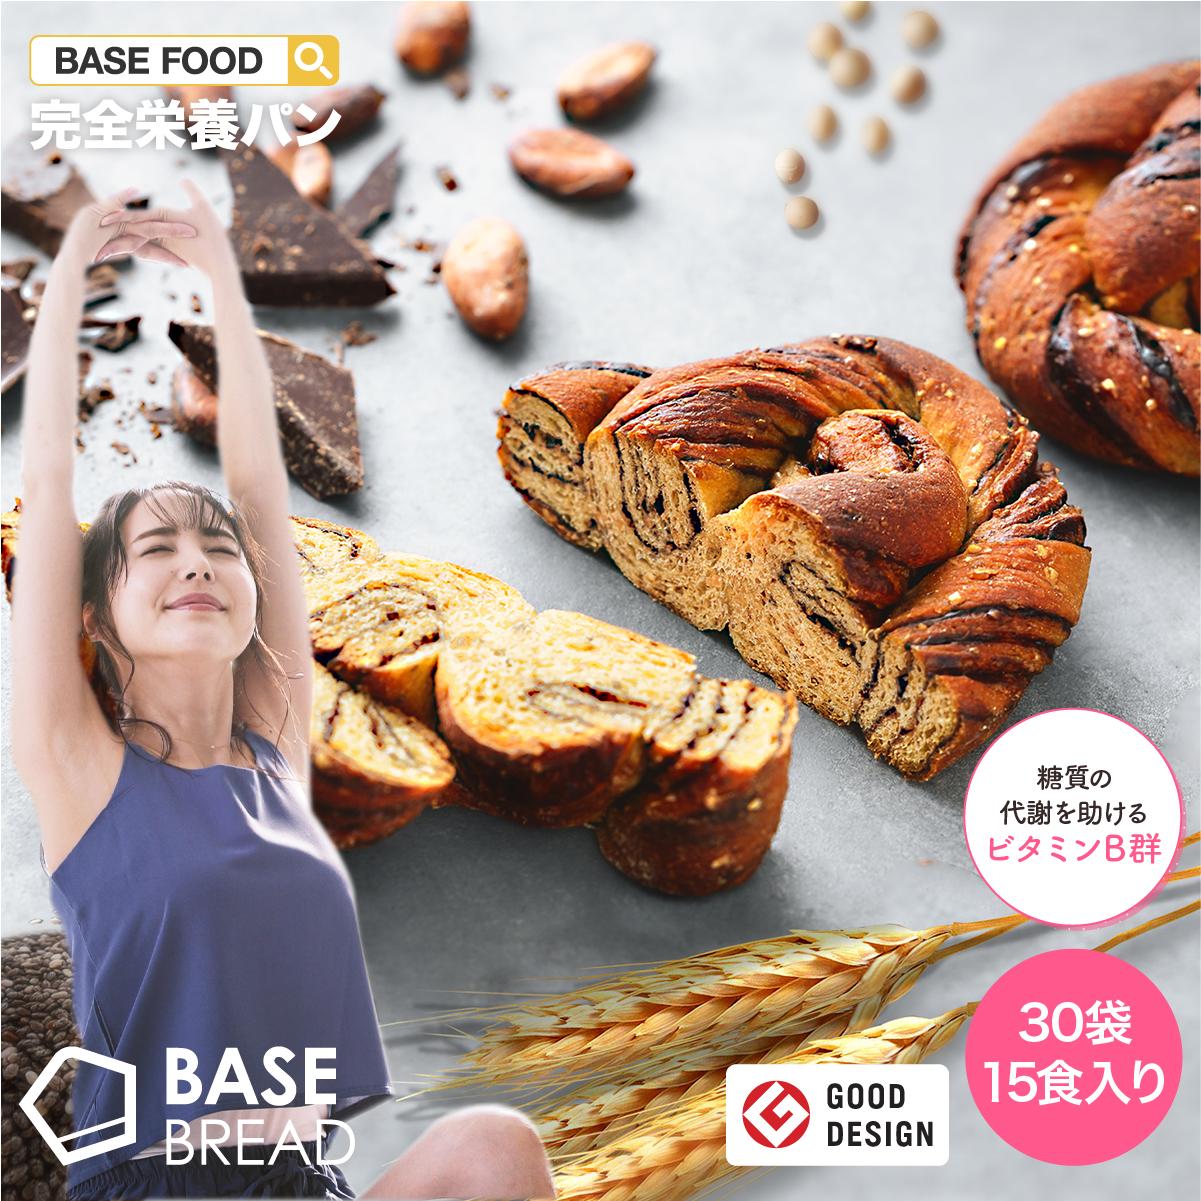 \メディア掲載実績多数 からだに必要なもの 全部入り BASE BREADは 全粒粉ベースのおいしいロールパン 1食で1日に必要な栄養素の1 3がすべてとれる 完全栄養の主食です 100円クーポン付き ベースフード公式 SALENEW大人気! 完全栄養食 BREAD チョコレート 30袋入り basefood 糖質 ダイエット 卓越 置き換え 食物繊維 全粒粉 ベースブレッド チョコパン タンパク質 糖質オフ パン 送料無料 食品 間食 低糖質 栄養食 制限